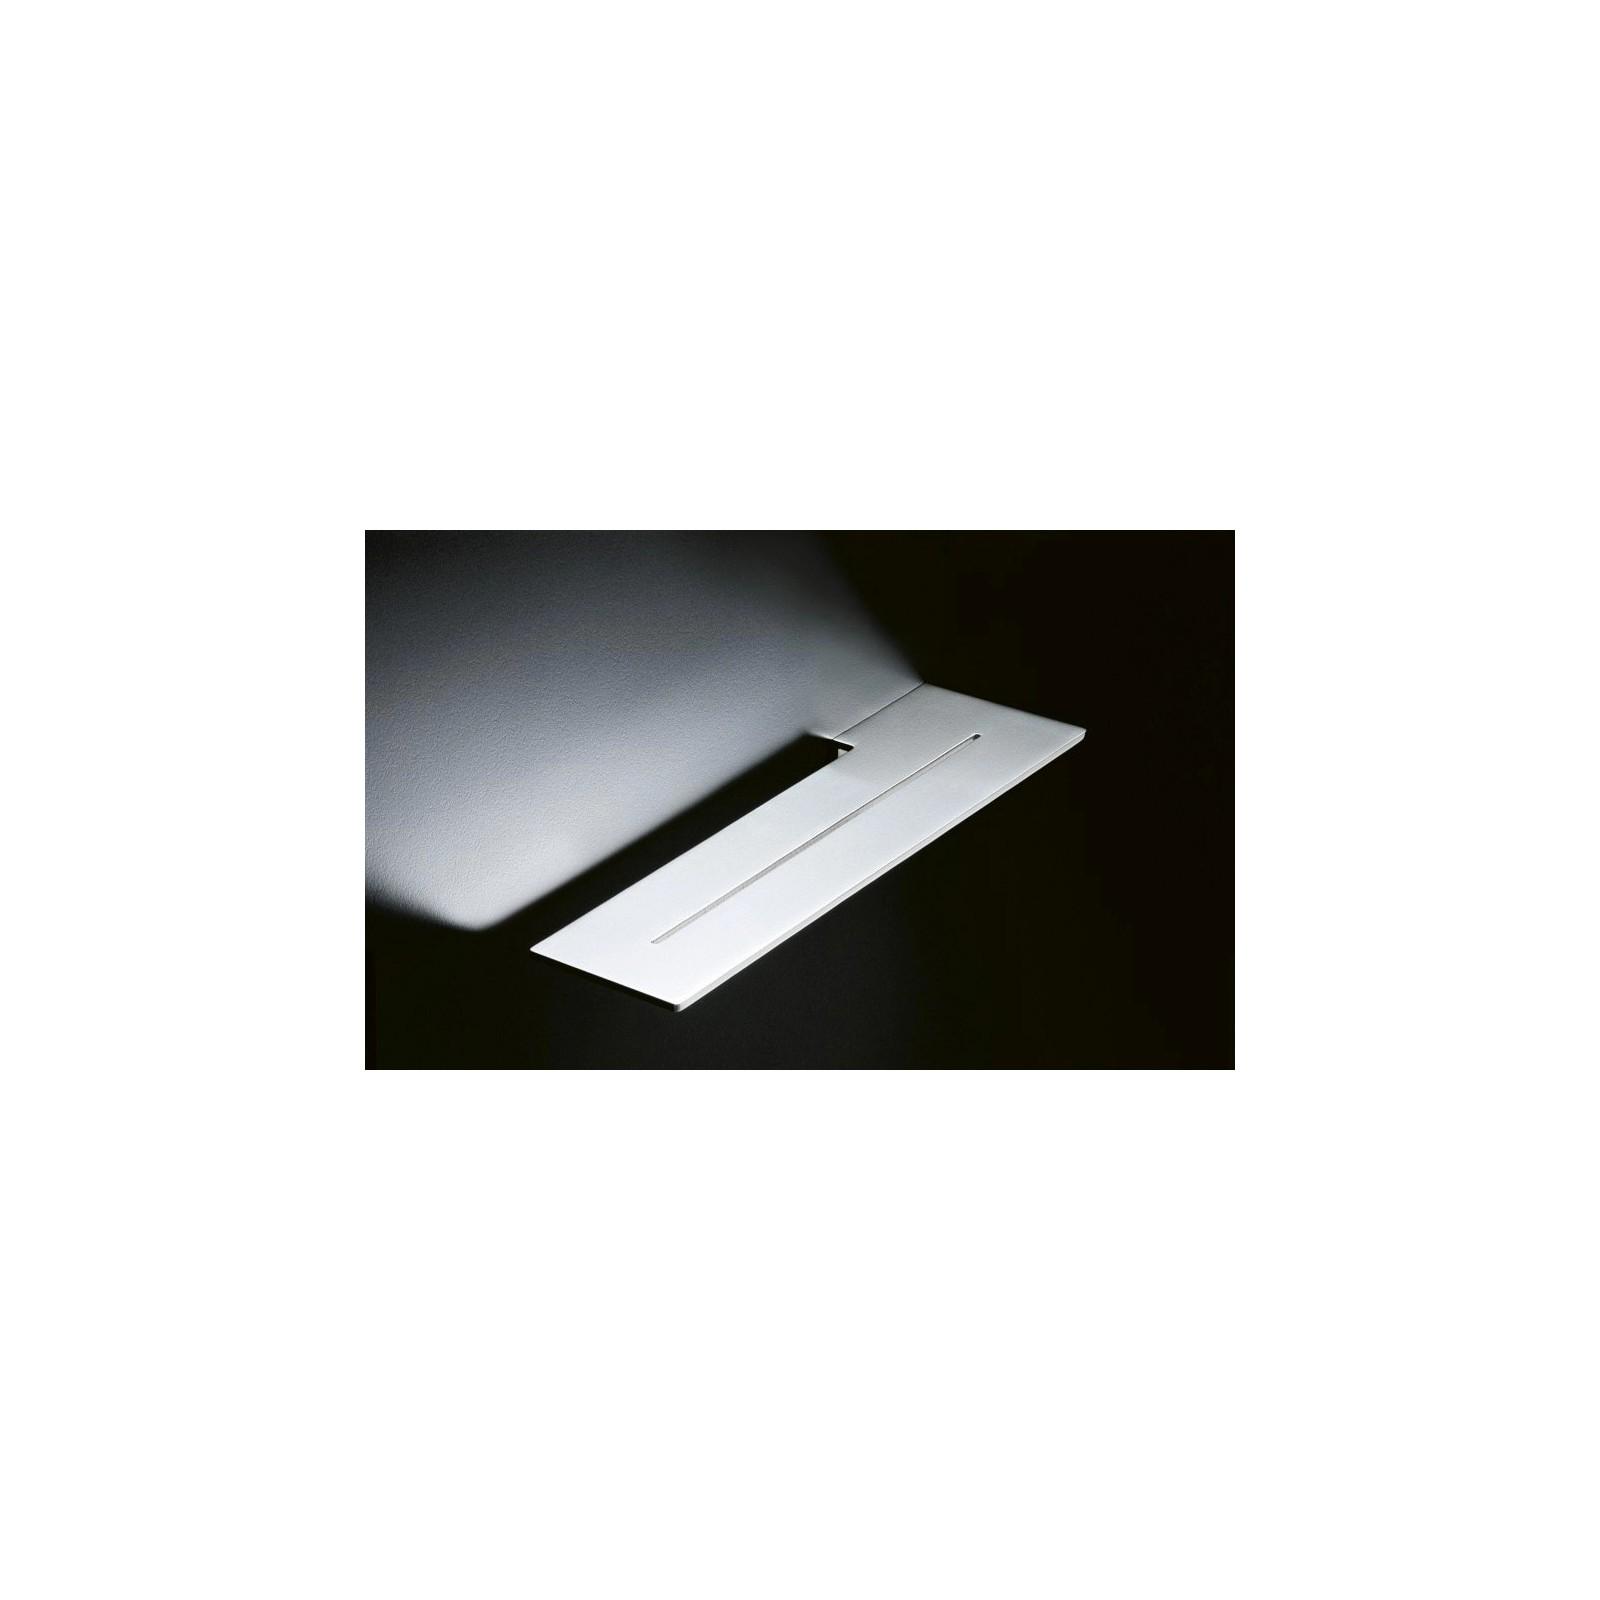 Accessori in acciaio inox per la casa Blade by Boffi - ConteCom